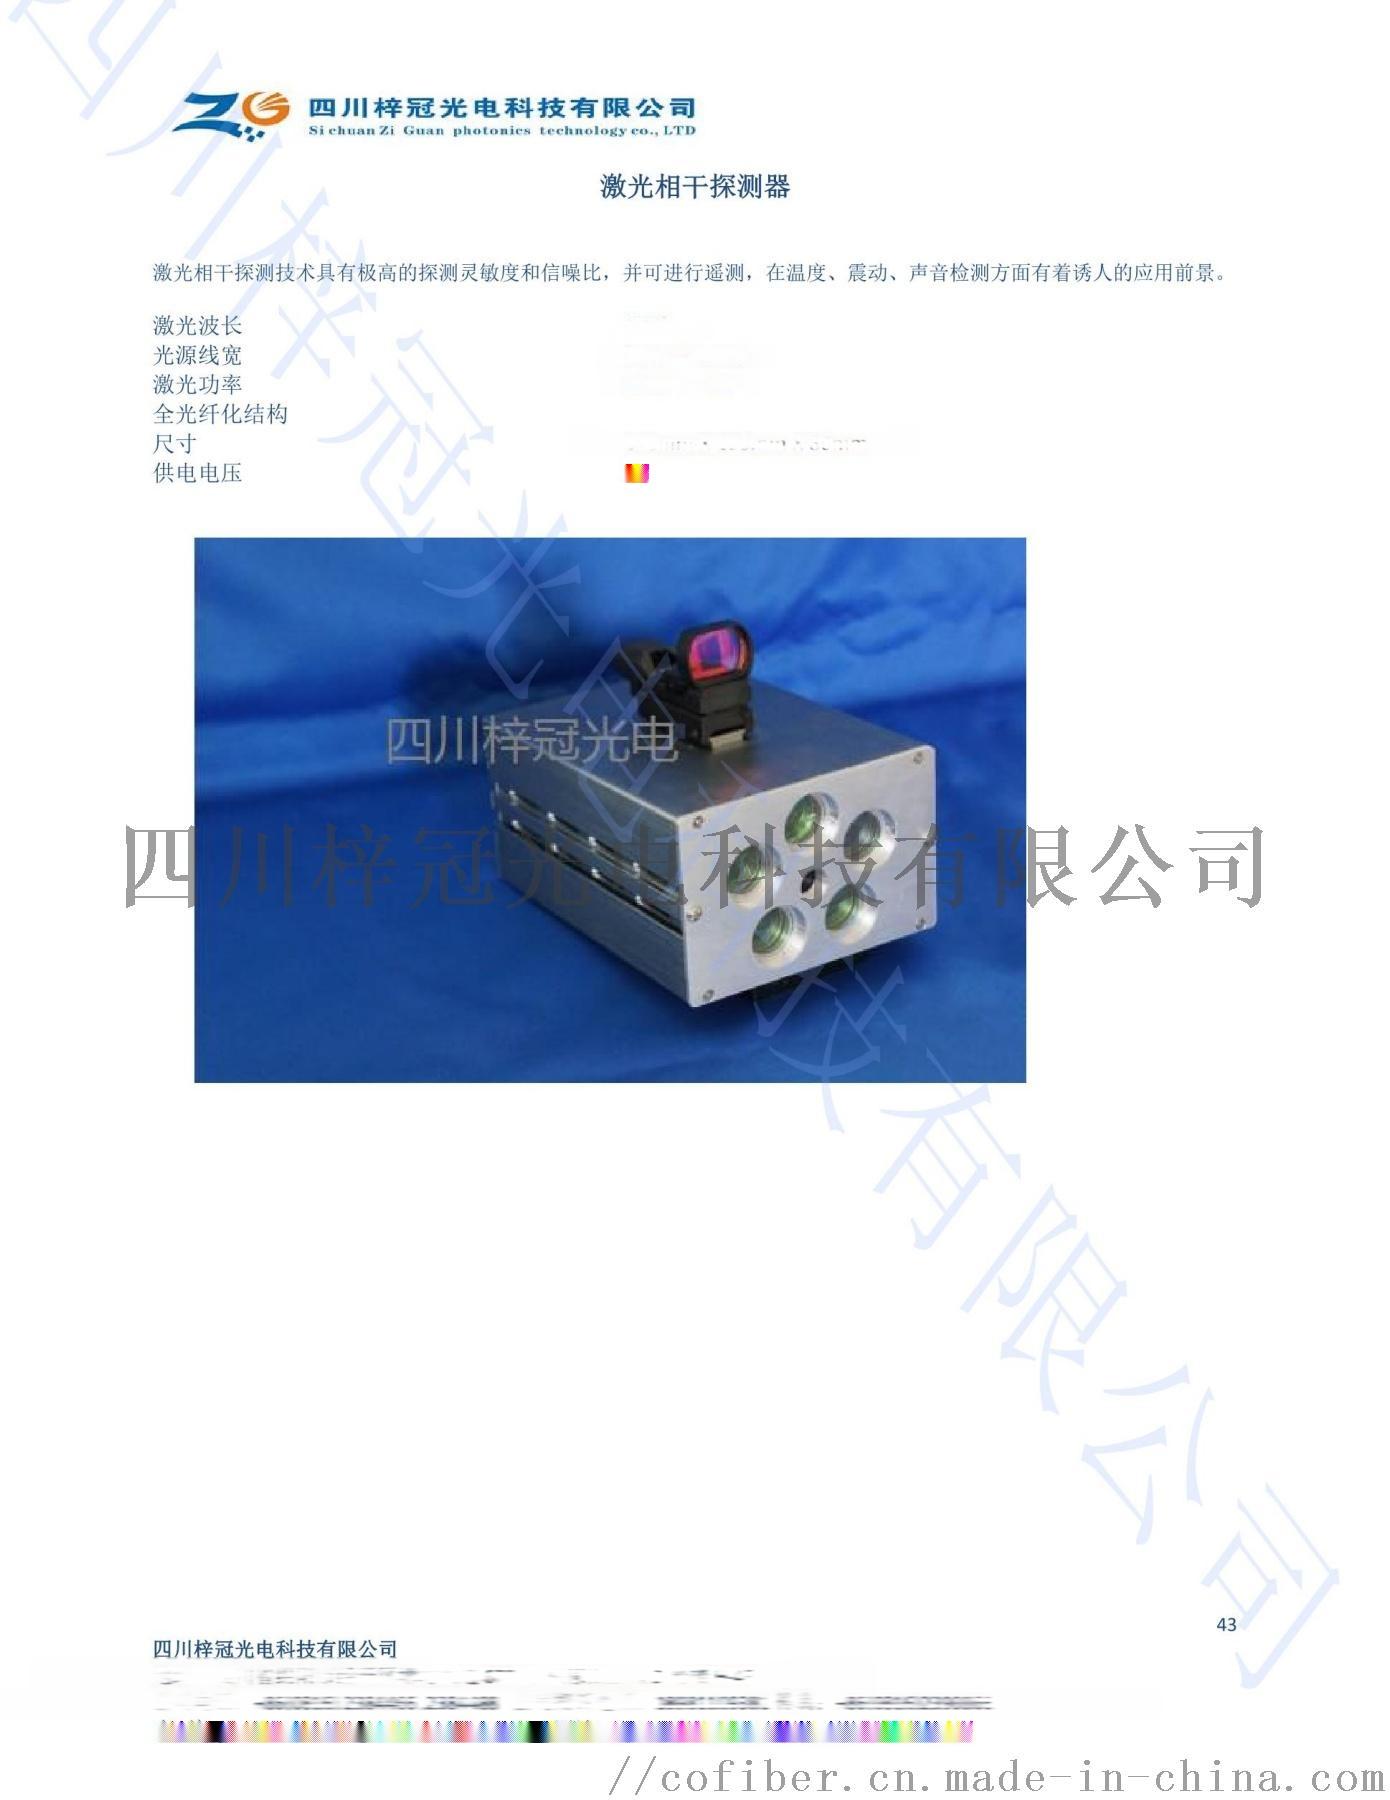 激光相干探测器.jpg